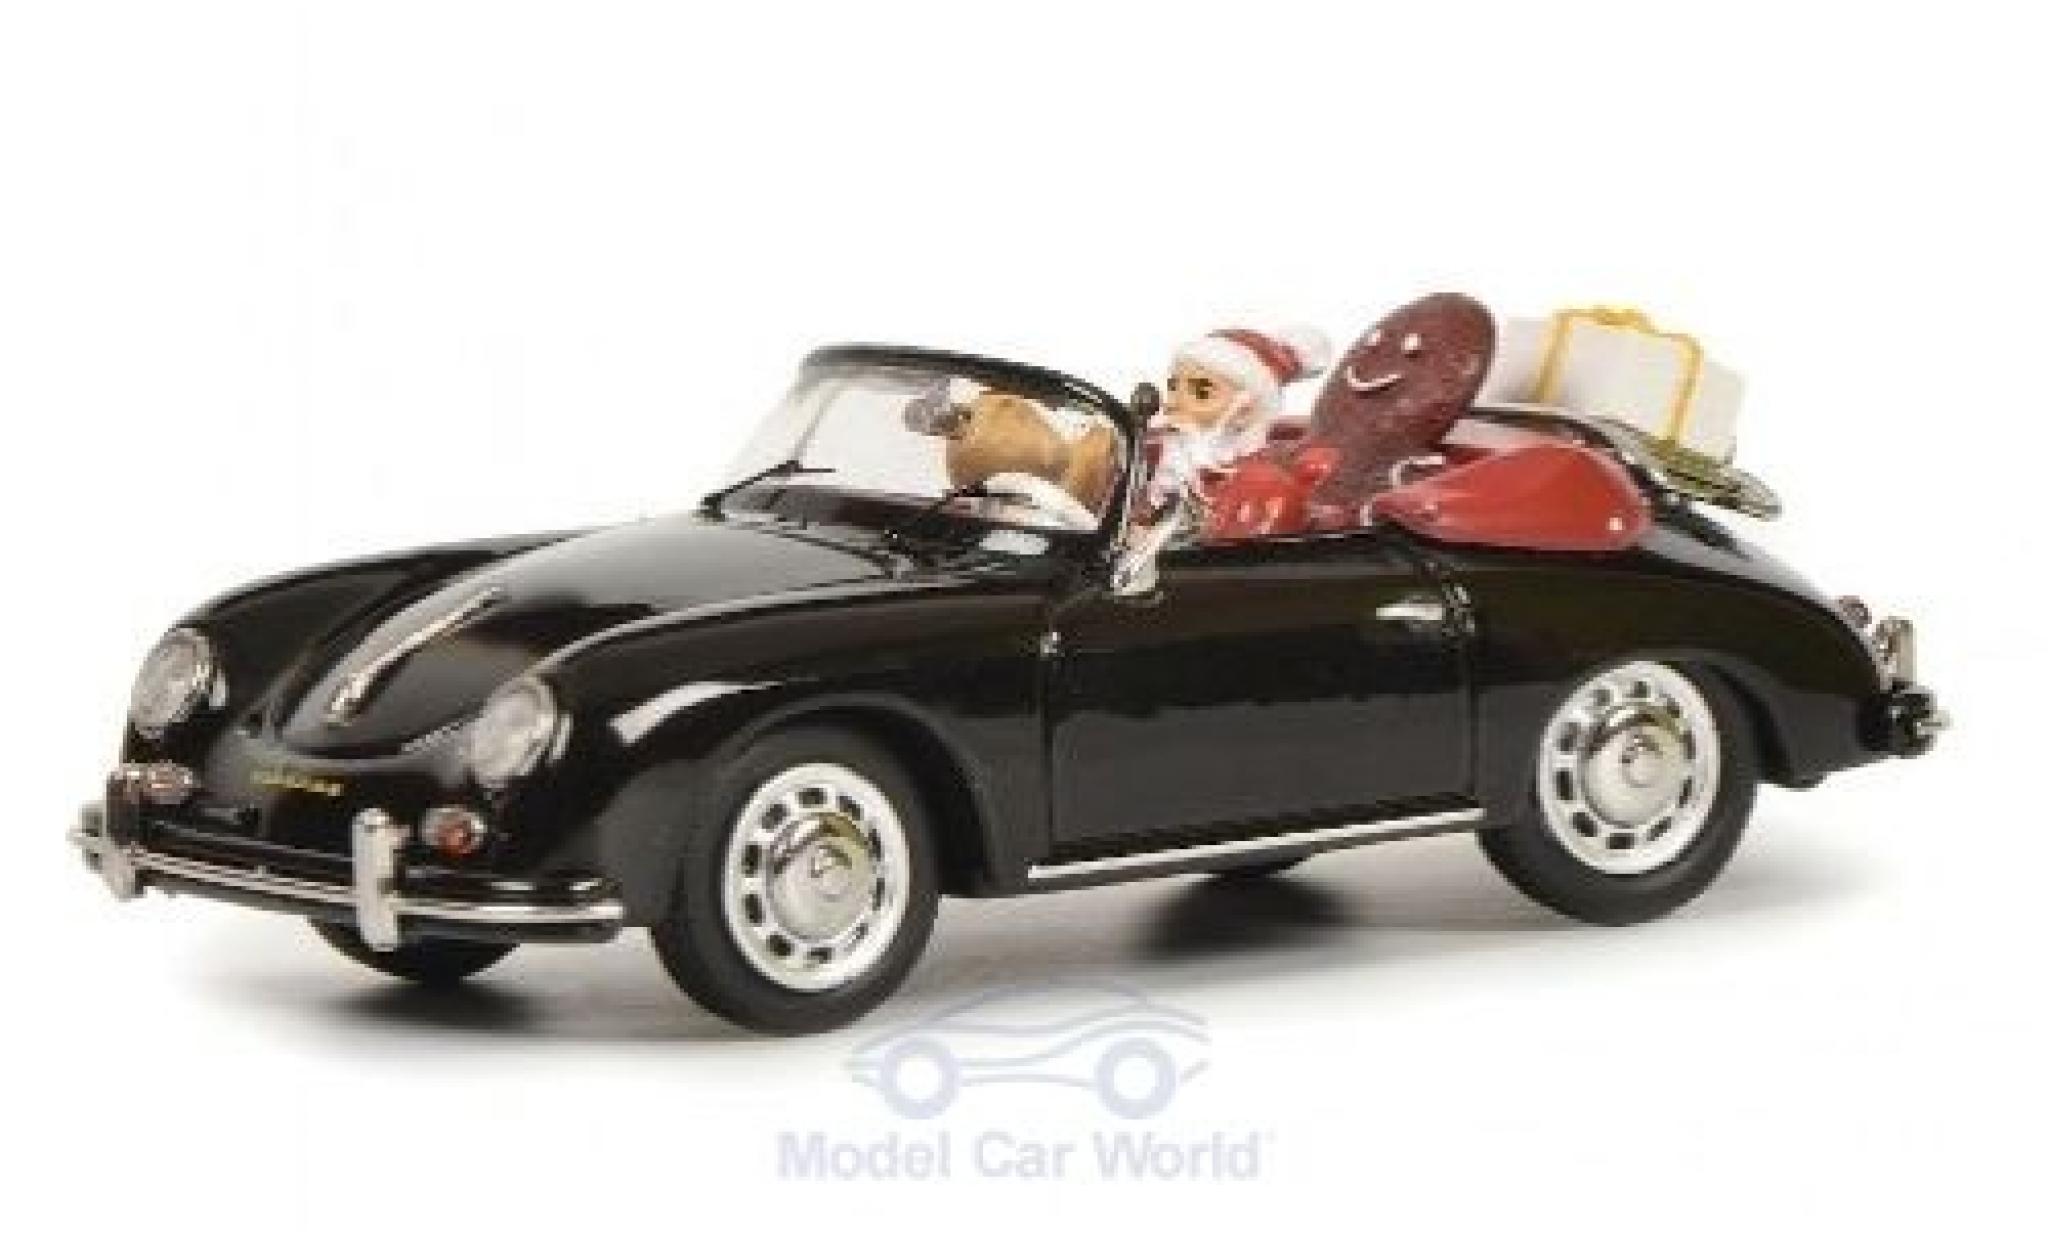 Porsche 356 1/43 Schuco A Cabriolet noire Weihnachten 2019 mit Figuren und Ladung